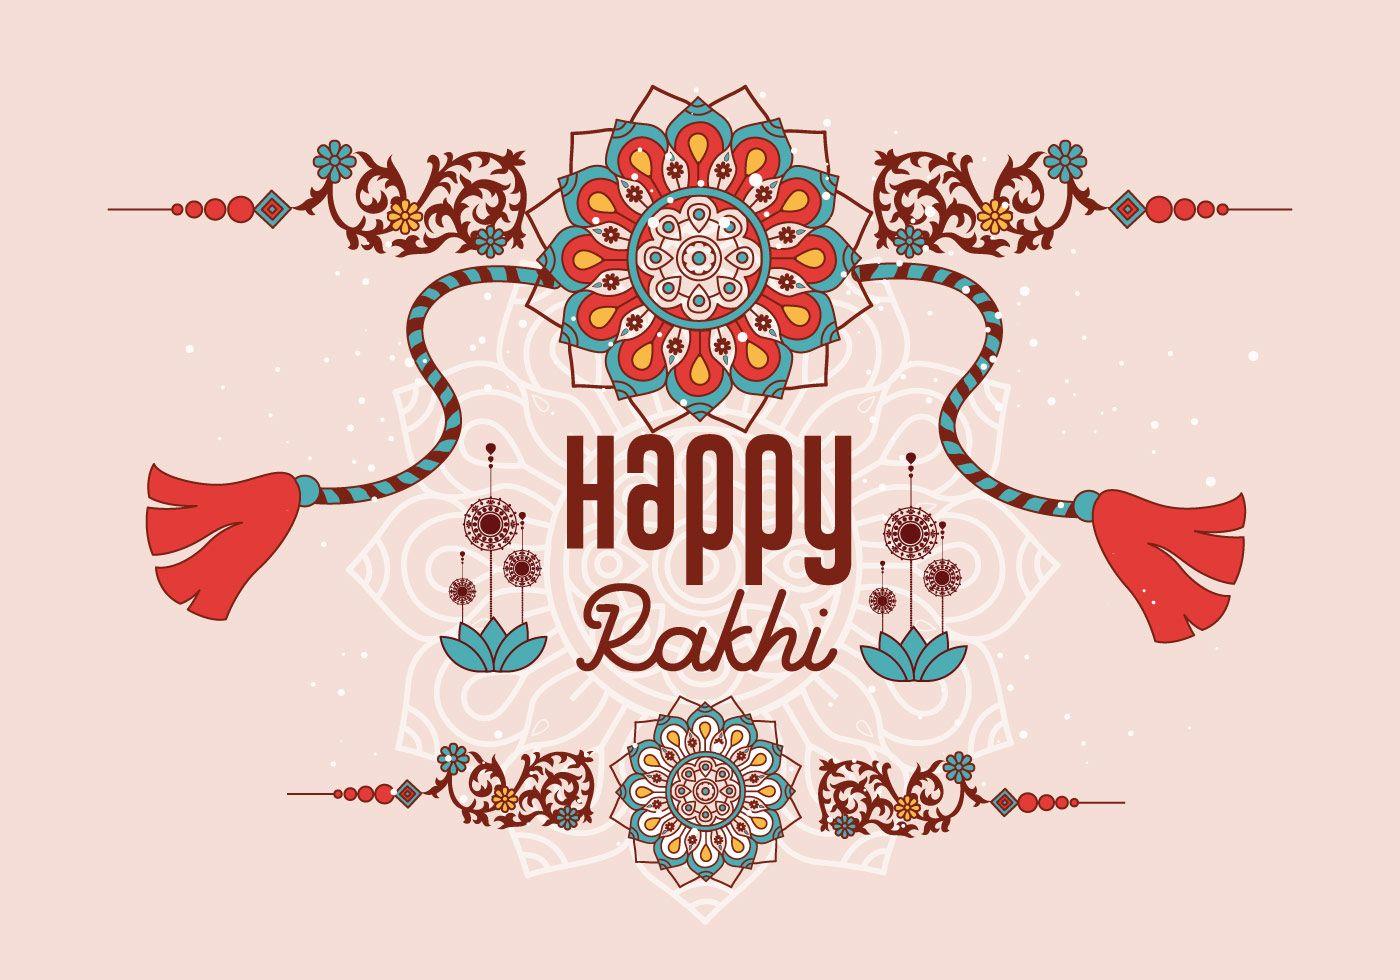 Happy Rakhi Background Vector | Happy rakhi, Happy raksha bandhan images, Raksha bandhan images